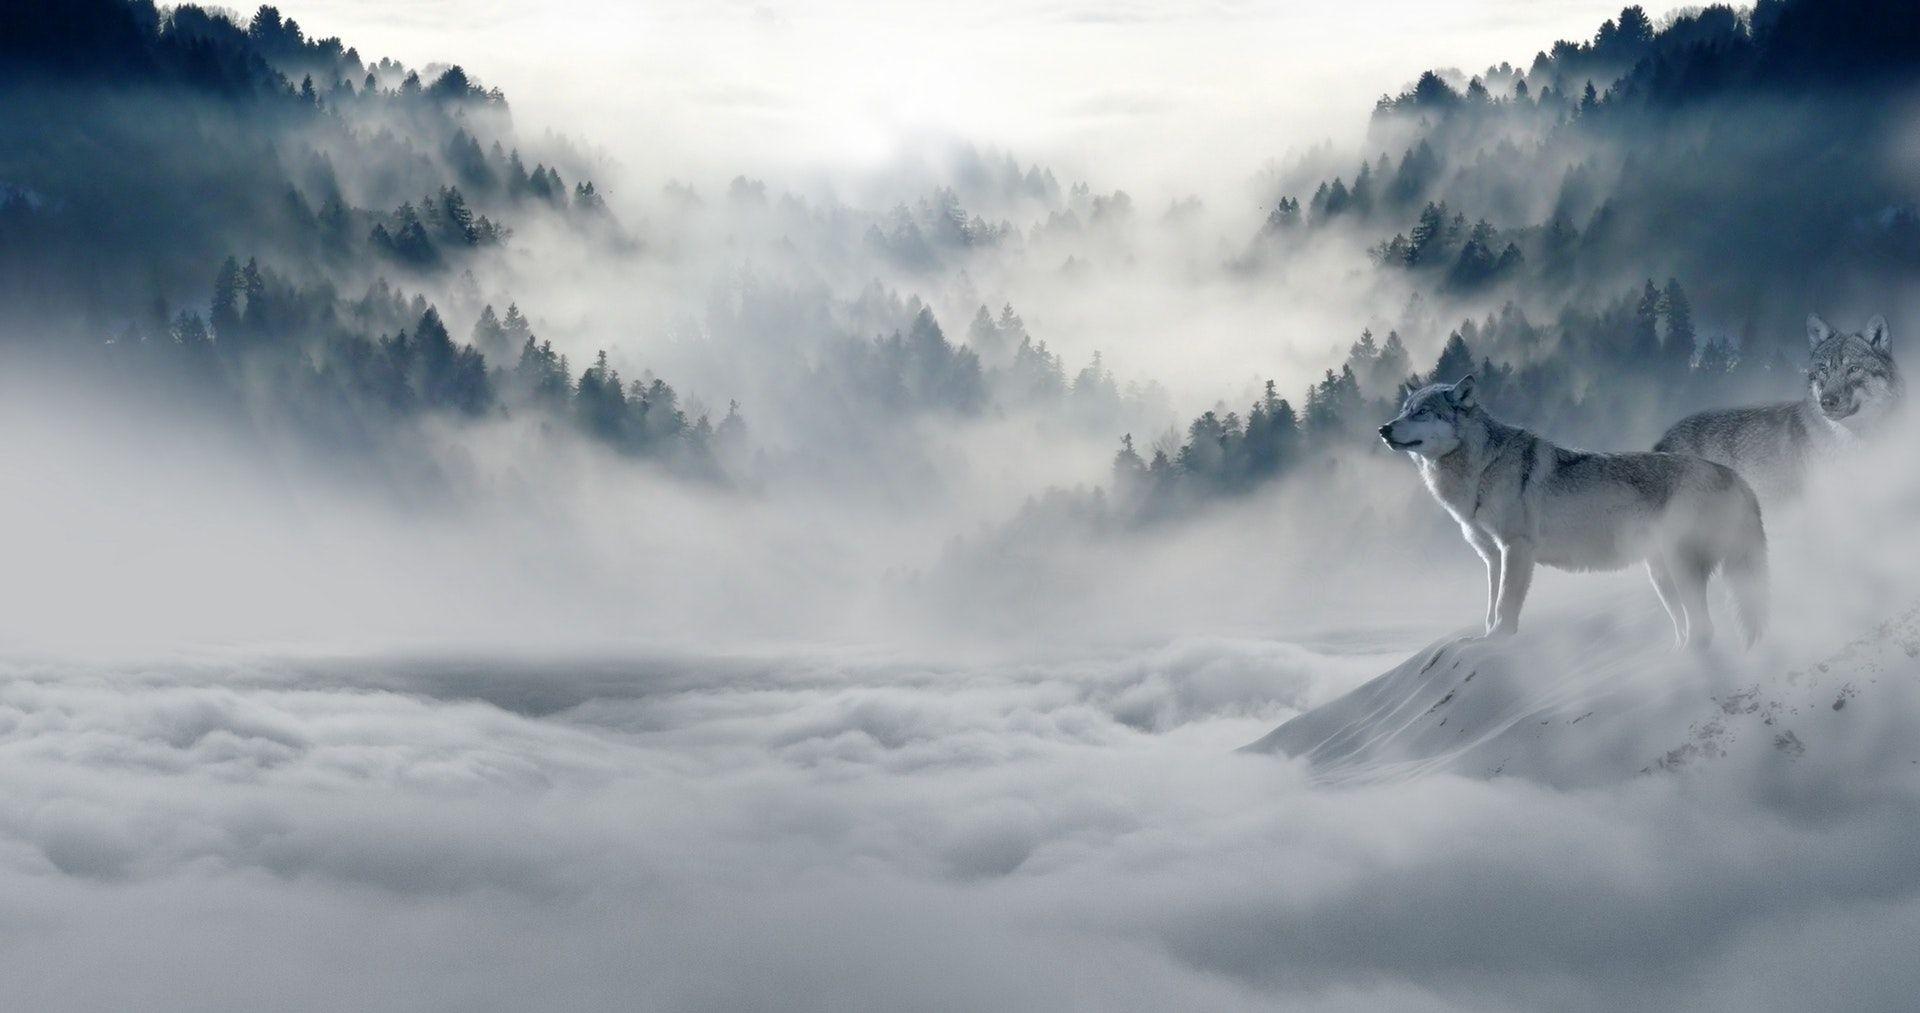 عکس زمینه گرگ در برف و کولاک پس زمینه